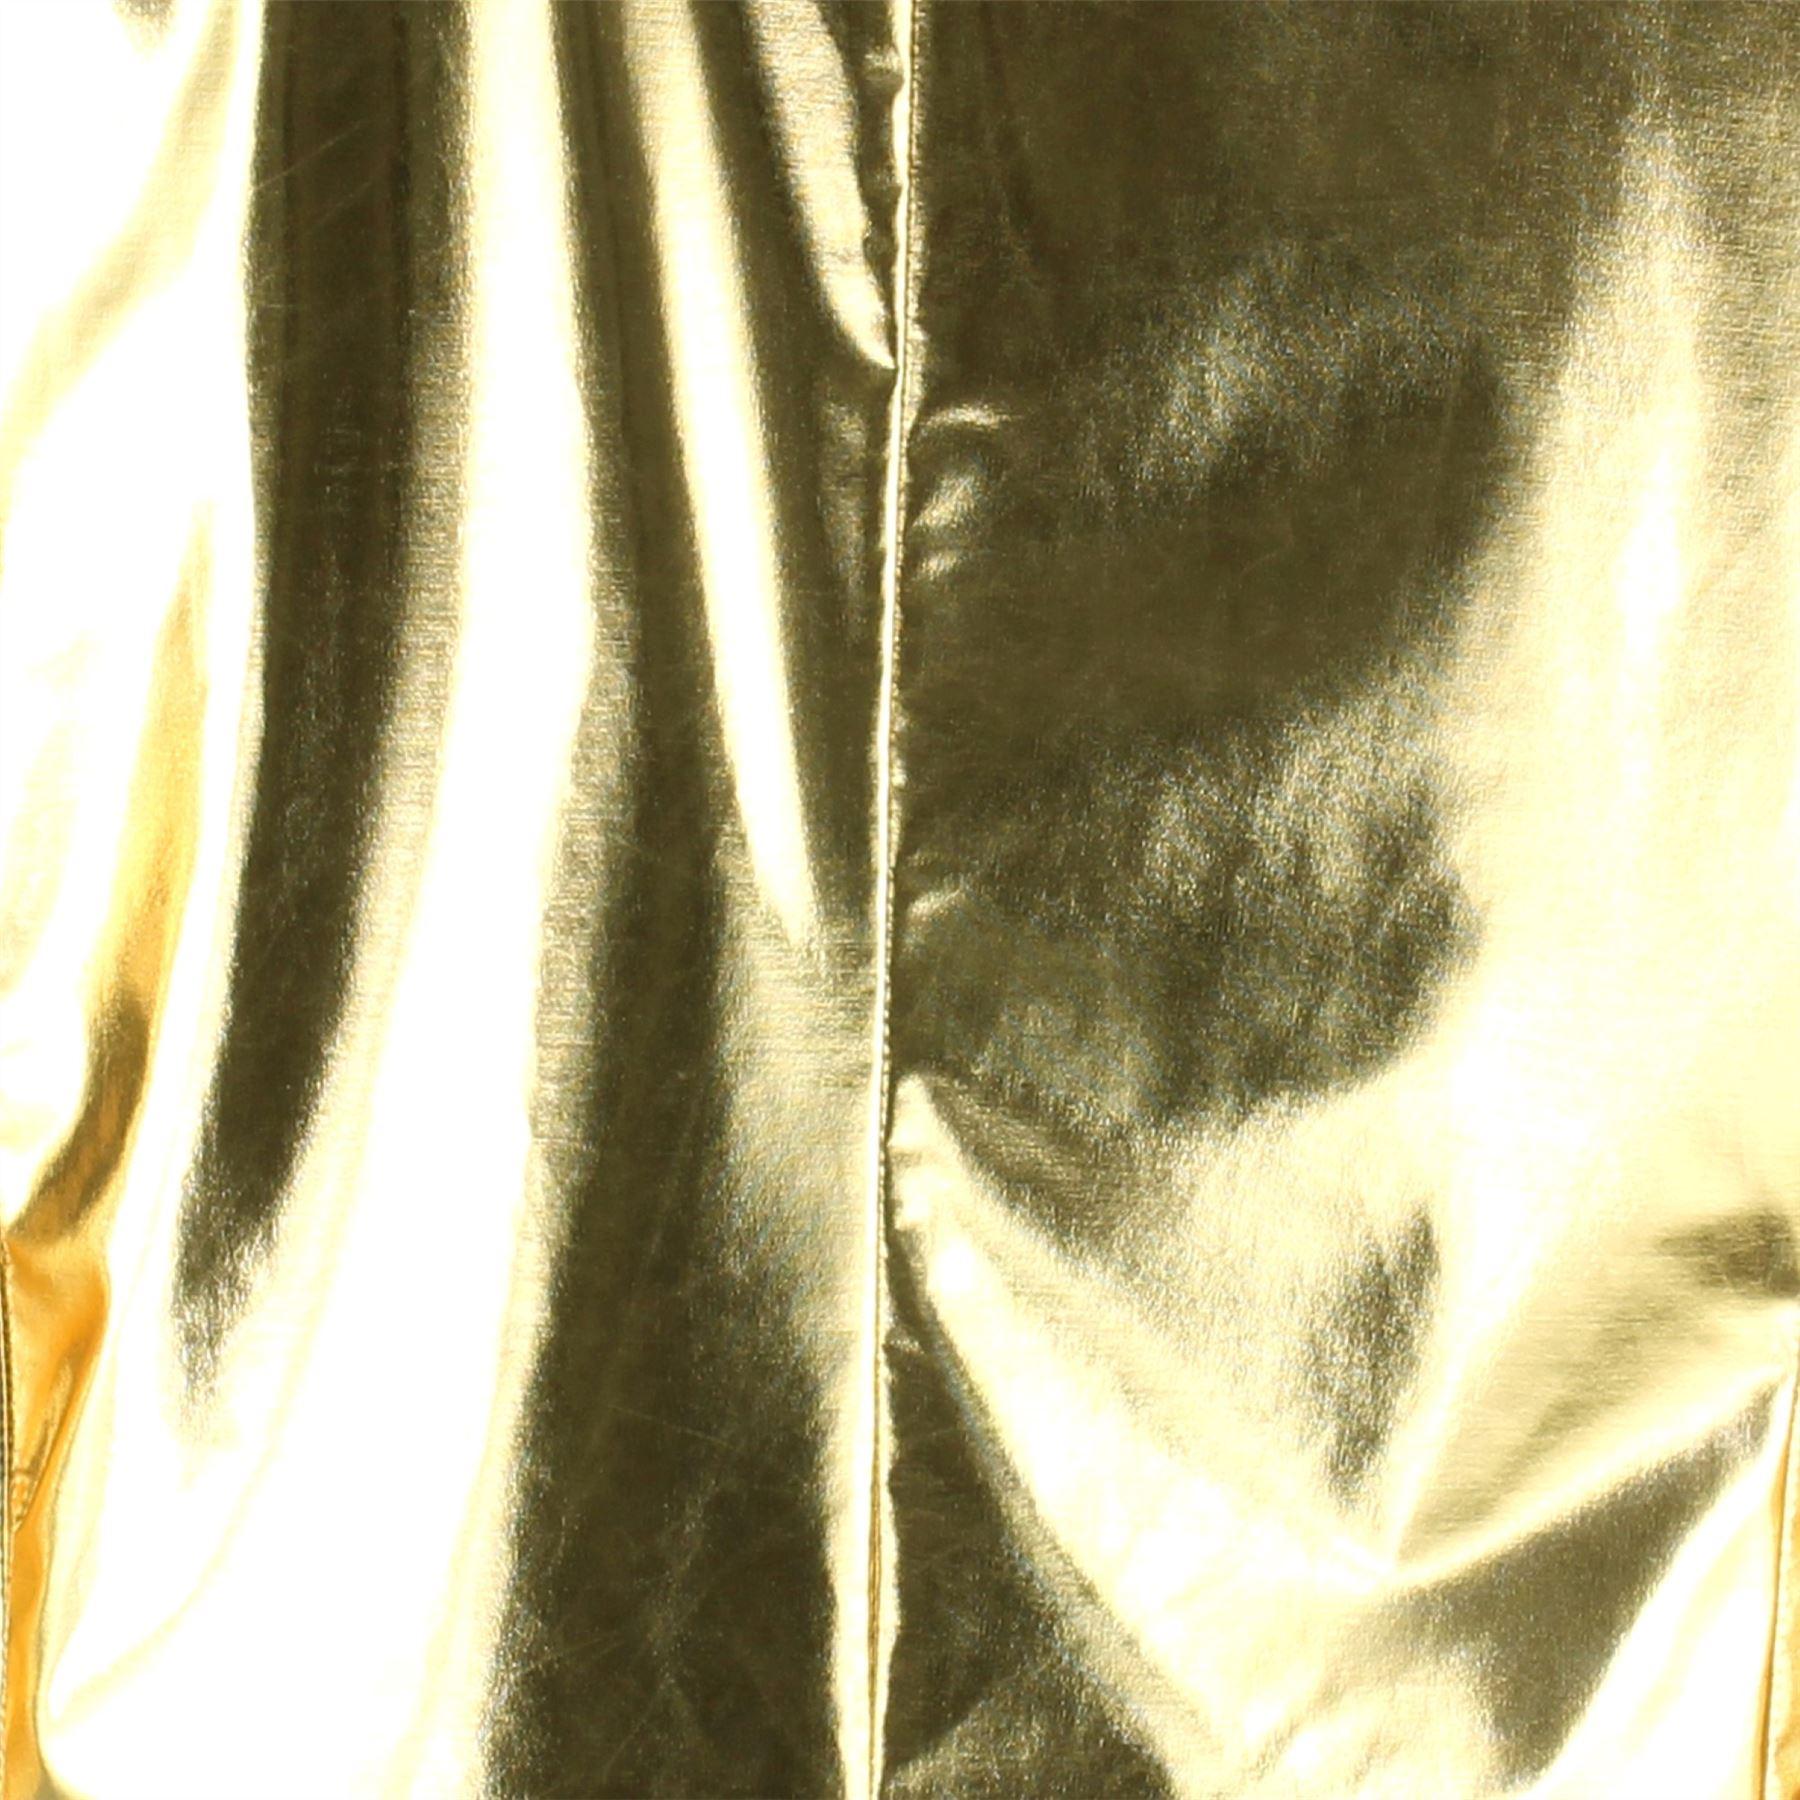 Shiny-Metallic-Blazer-Firefly-Waistcoat-Party-Dressing-up thumbnail 4